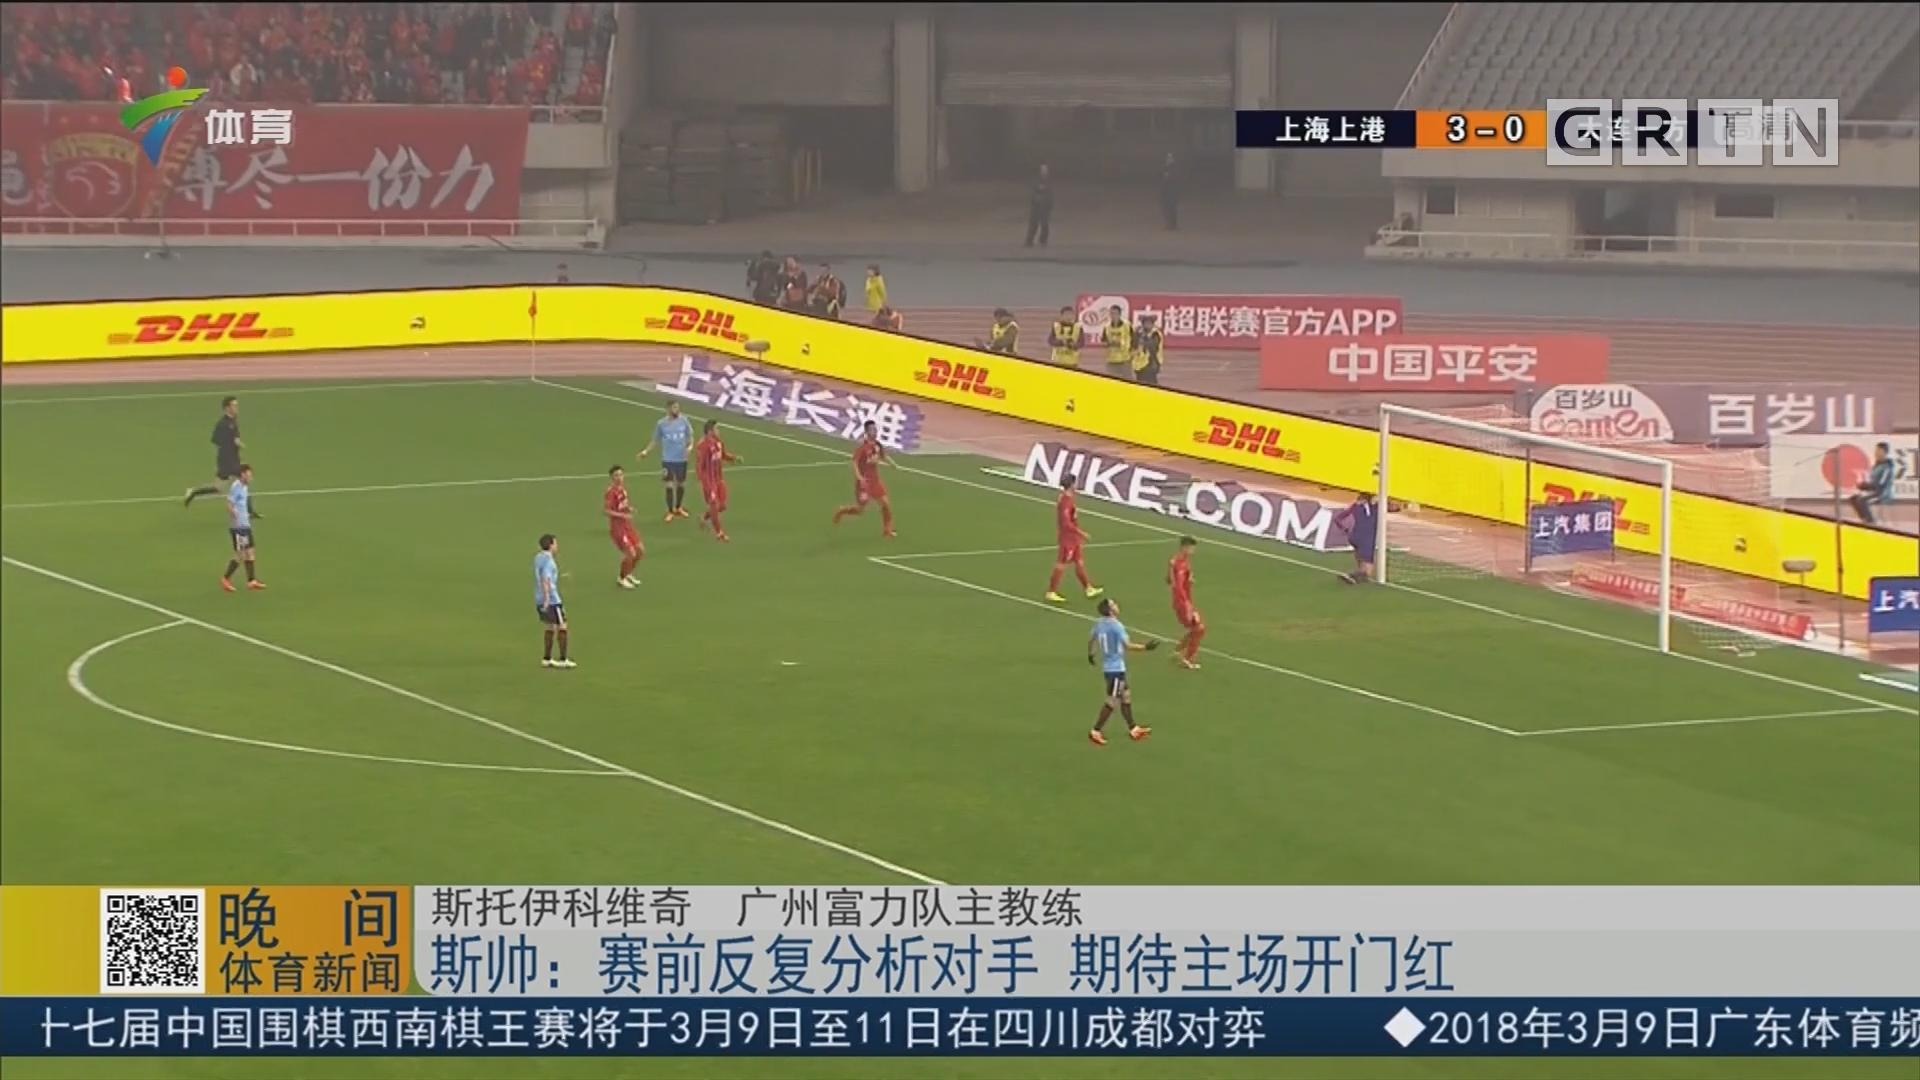 斯帅:赛前反复分析对手 期待主场开门红